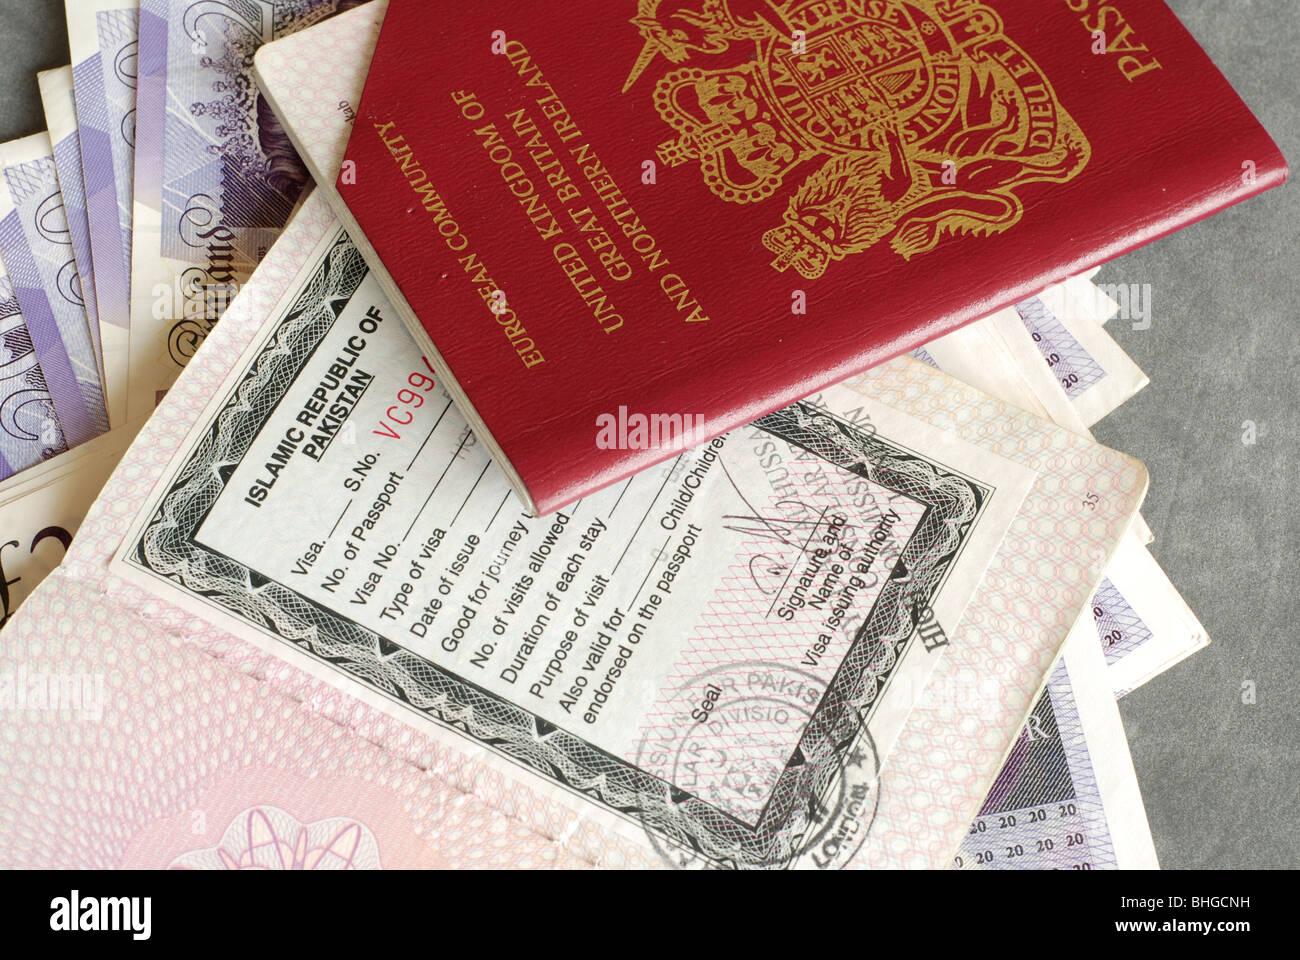 National Passport Stock Photos & National Passport Stock